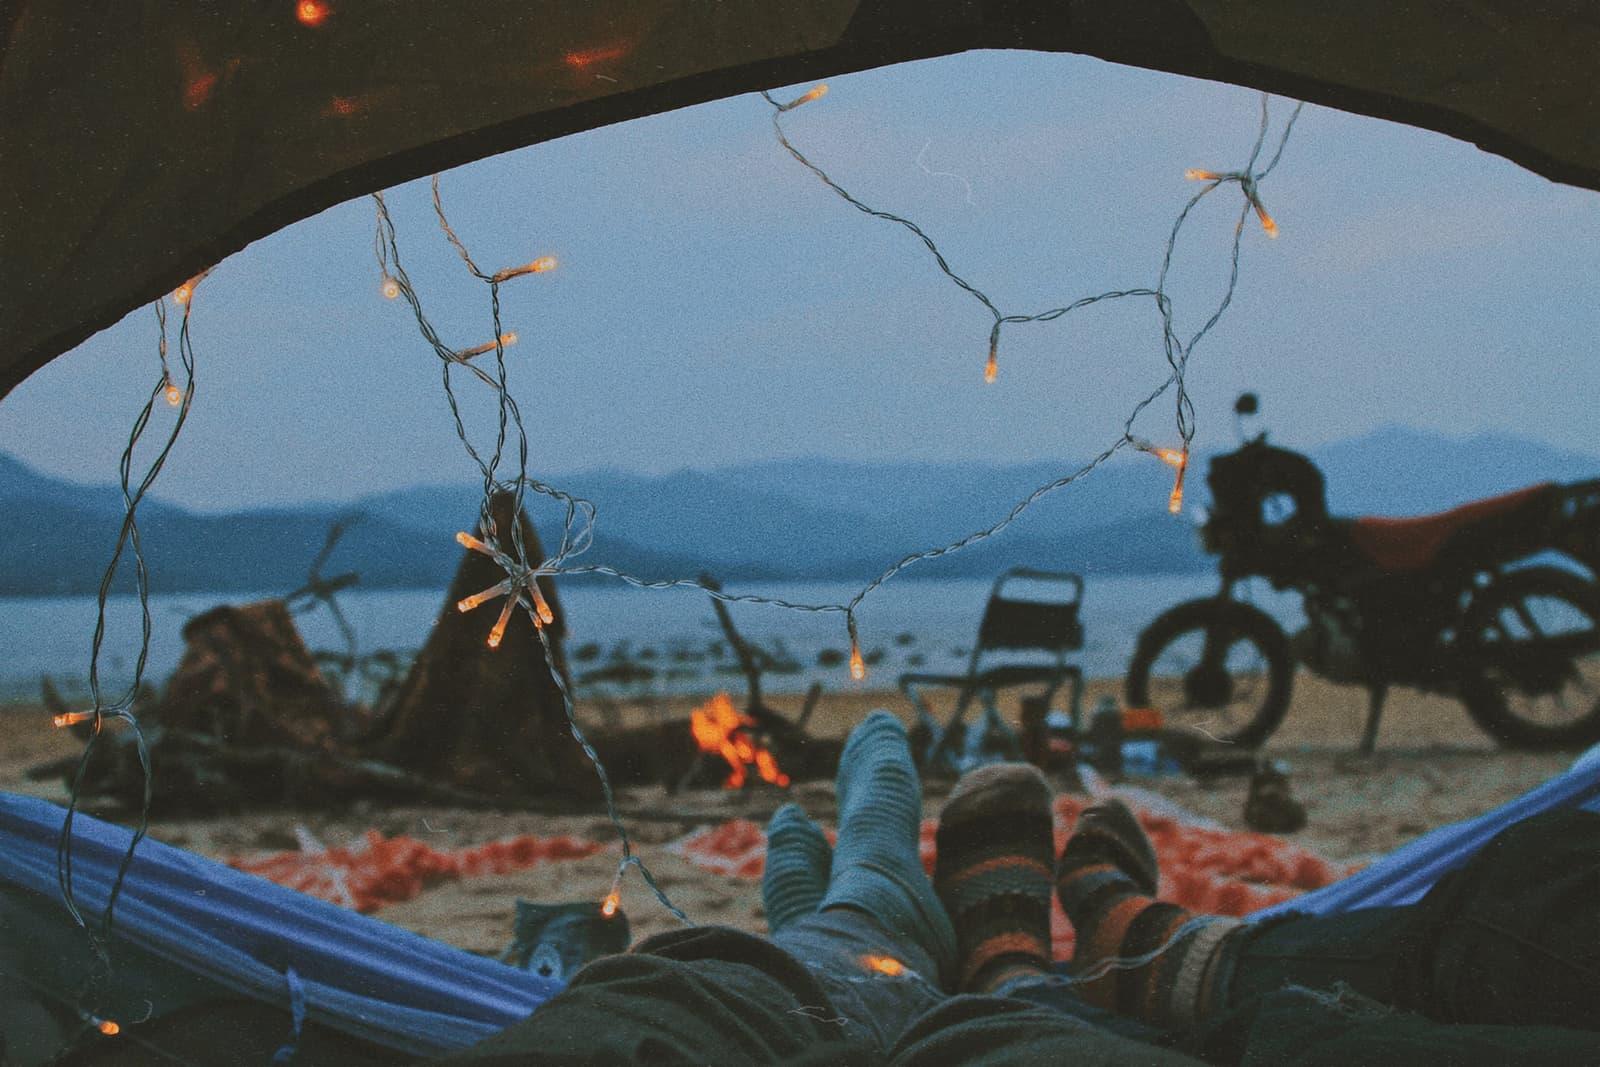 Ein Paar liegt in einem Zelt am Strand